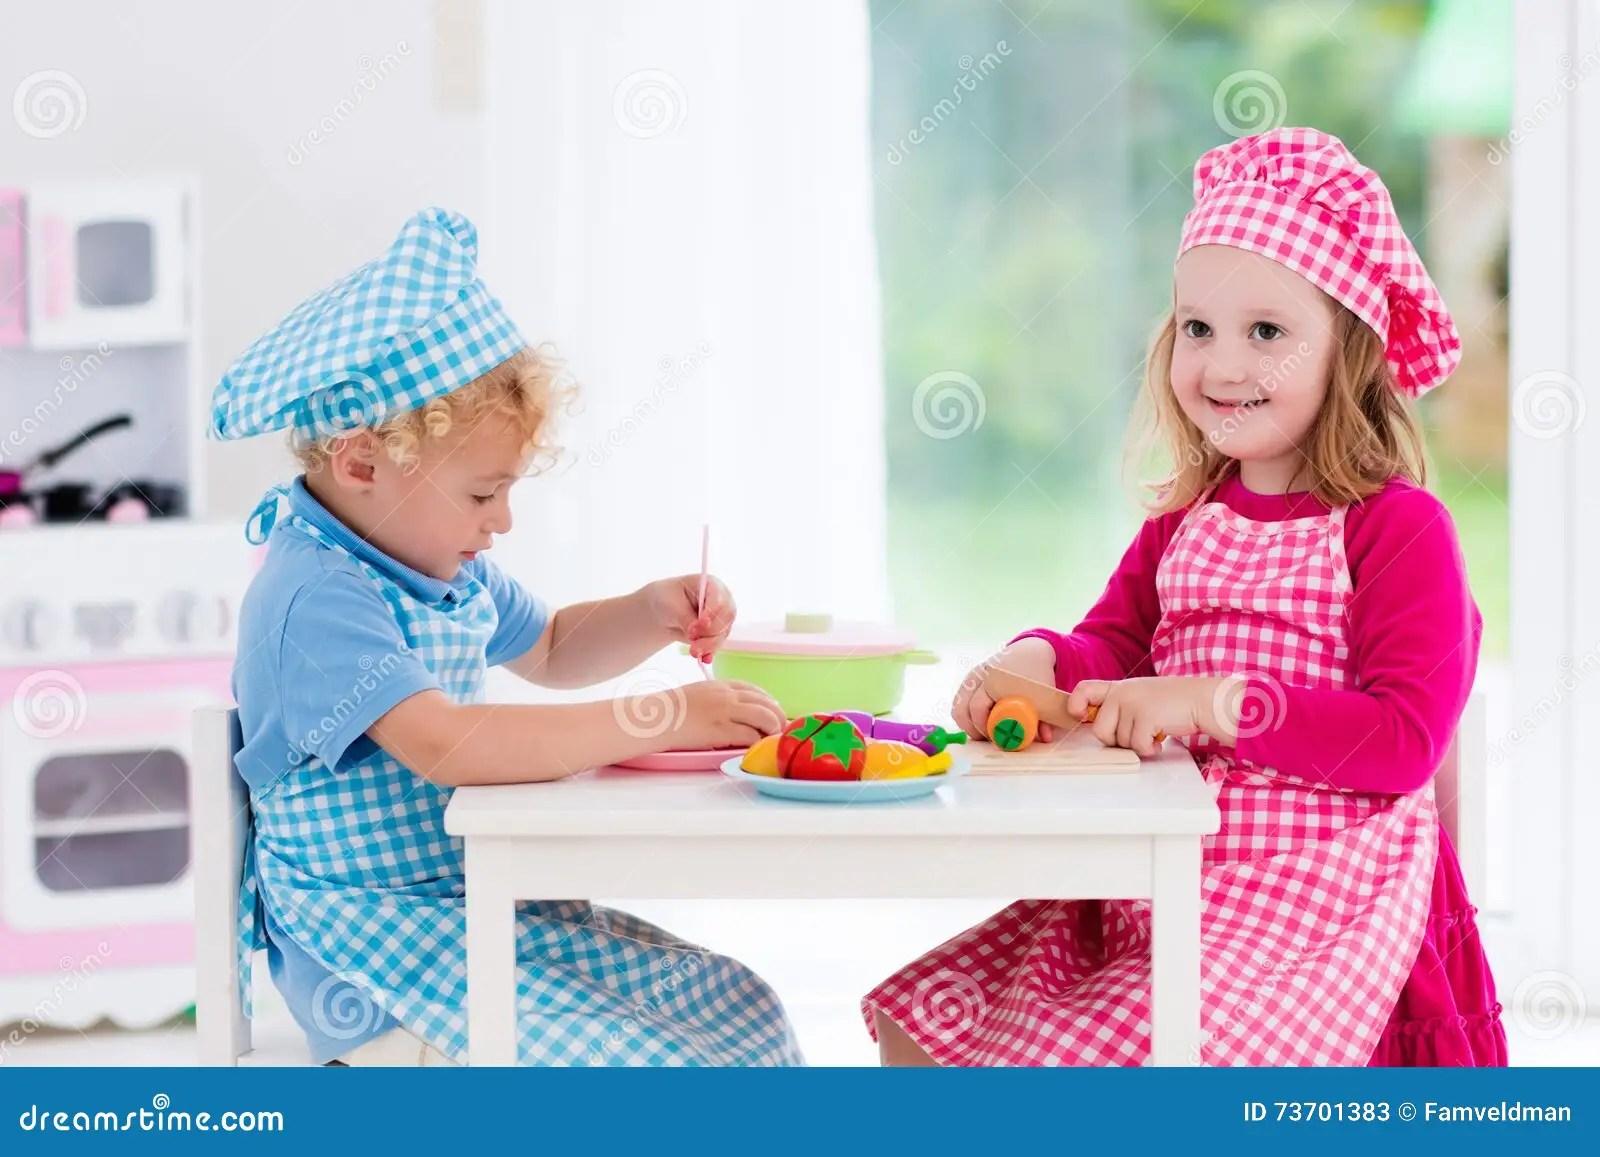 kids wood kitchen lantern pendants 使用与玩具厨房的孩子库存图片 图片包括有主厨 厨房 塑料 子项 托儿 使用与玩具厨房的孩子